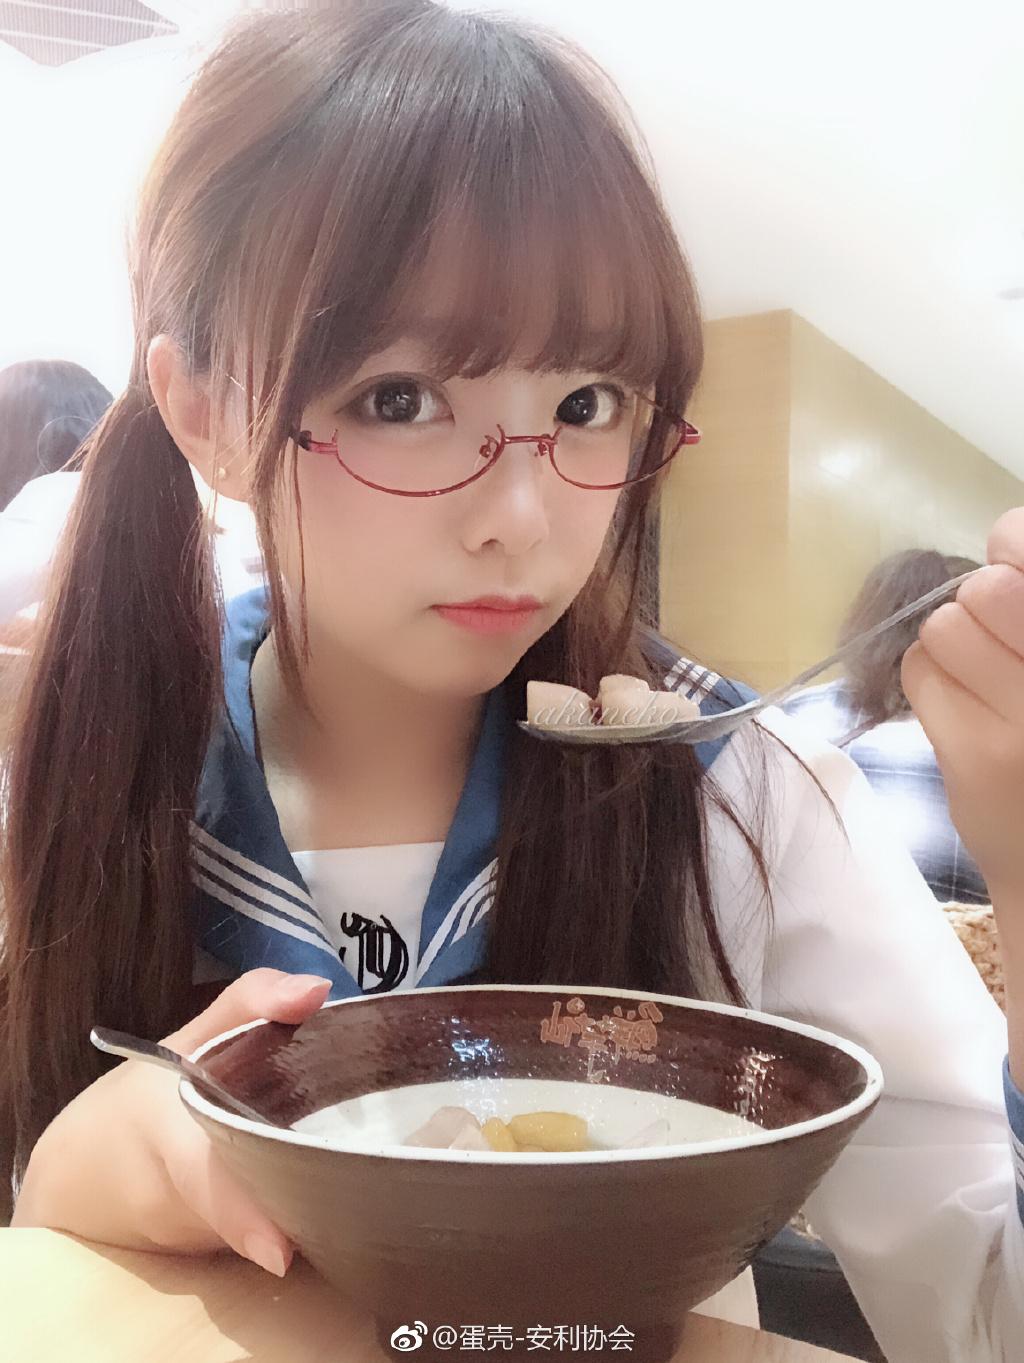 安利一波萌萌哒眼镜少女 素人自拍-第9张